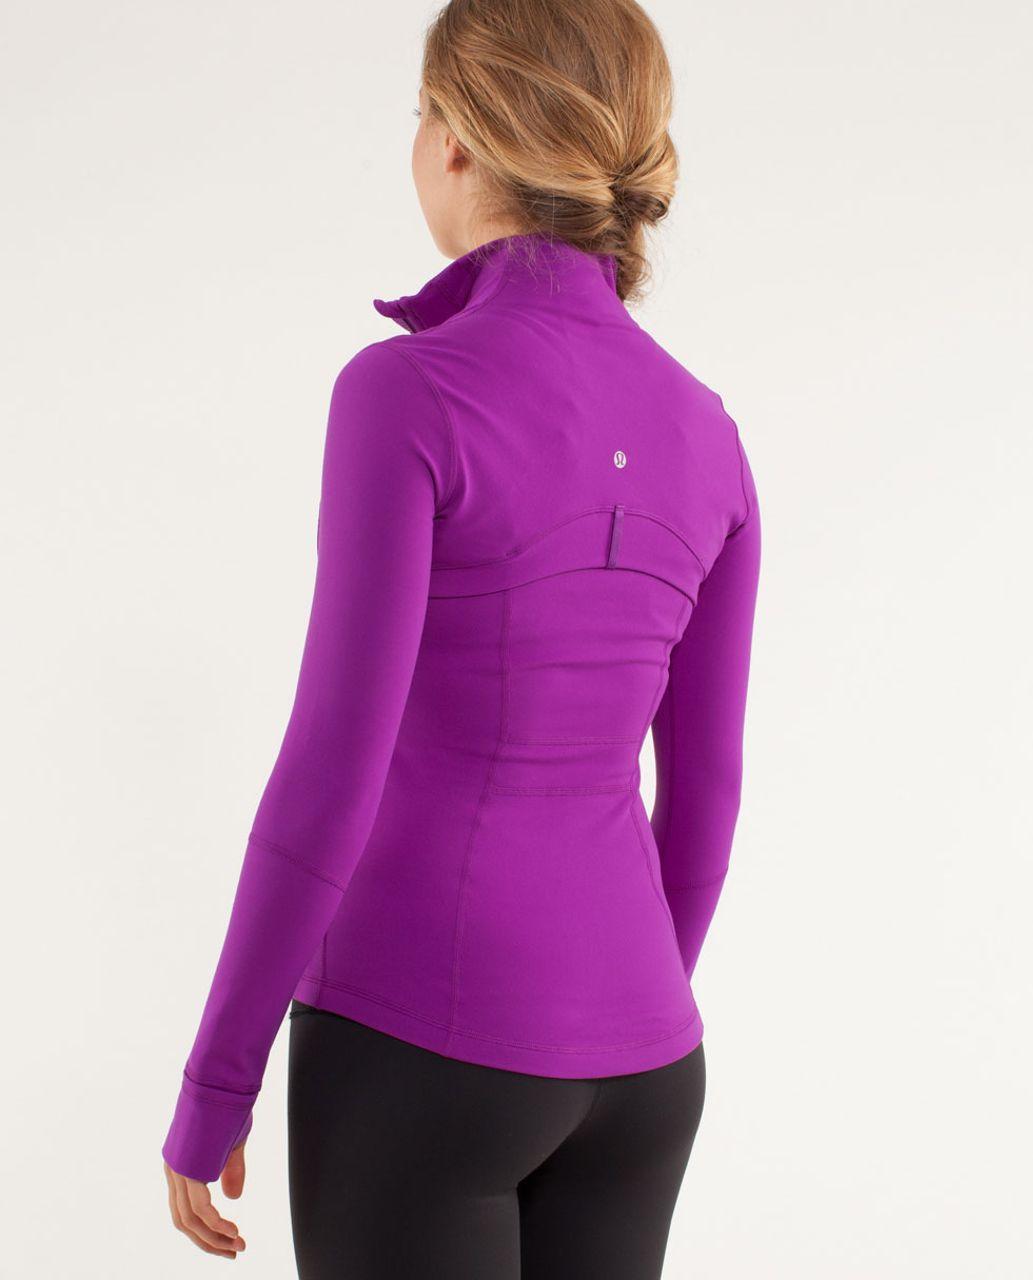 Lululemon Define Jacket *Brushed - Tender Violet